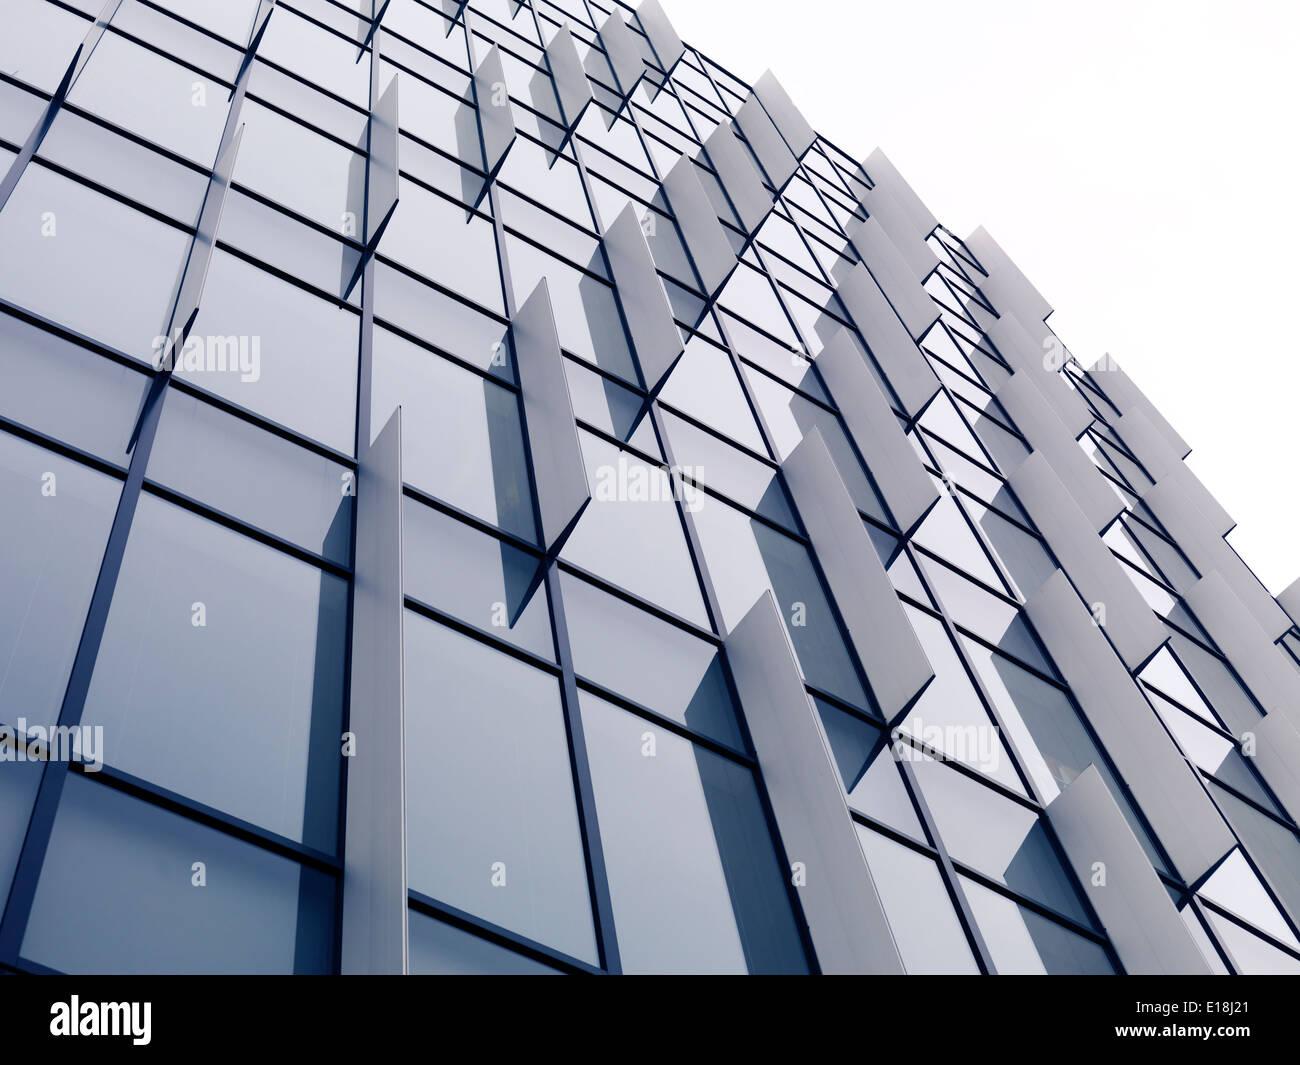 Abstract architettura moderna, vetro e metallo parete edilizia dettaglio dello sfondo. Tokyo, Giappone. Foto Stock